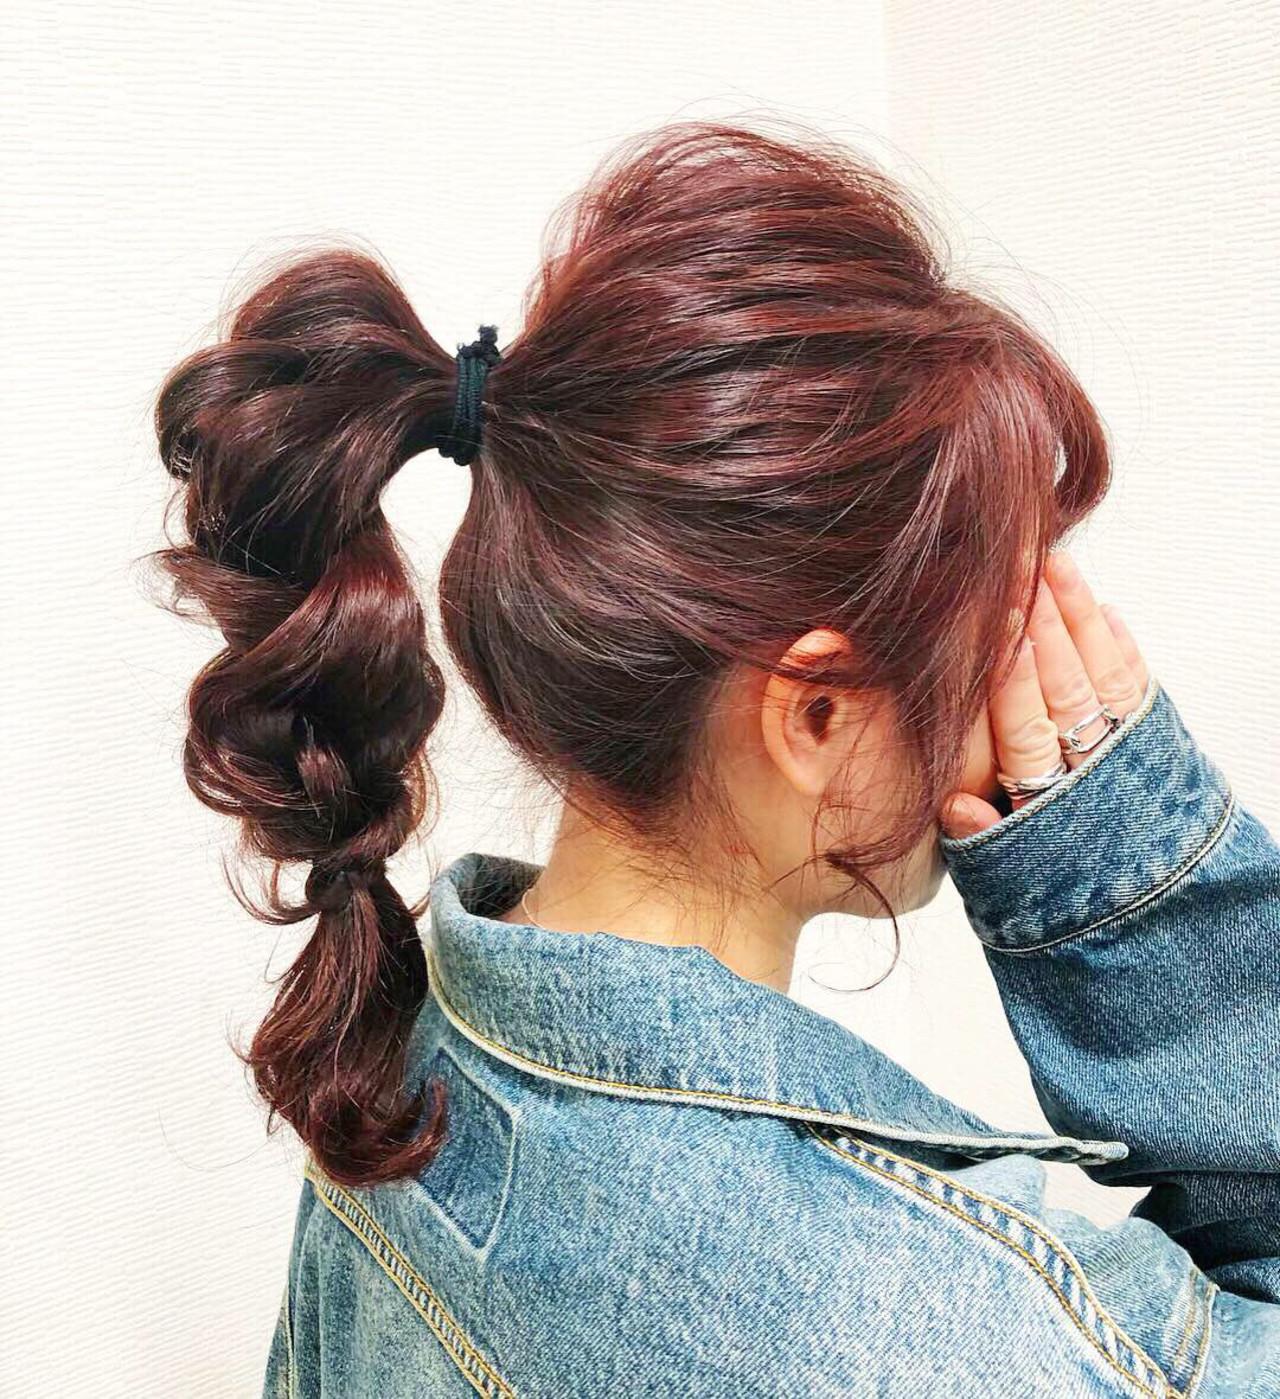 ポニーテールアレンジ 簡単ヘアアレンジ ヘアアレンジ セルフヘアアレンジ ヘアスタイルや髪型の写真・画像   Rina / HairxCafe KUMA